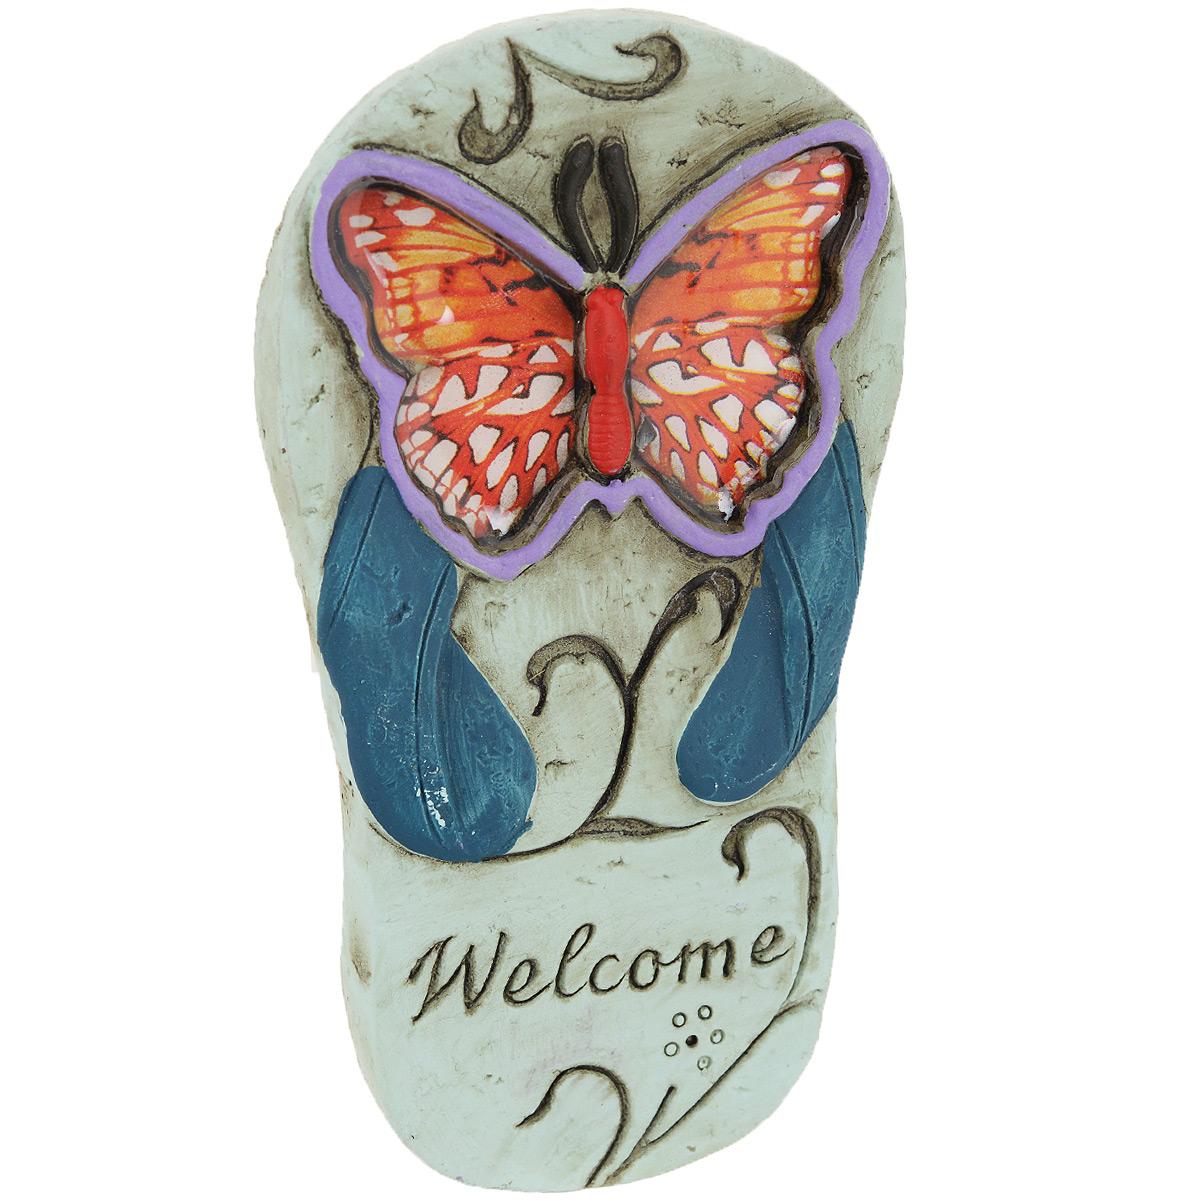 Фигурка декоративная След, цвет: голубой, оранжевый28337Оригинальная фигурка След выполнена из цемента в виде декоративного следа от ботинка, украшенного бабочкой и надписью Welcome. Такая фигурка станет прекрасным дополнением к интерьеру вашего дома или ландшафту дачного участка. Вы можете поставить фигурку в любом месте, где она будет удачно смотреться, и радовать глаз.